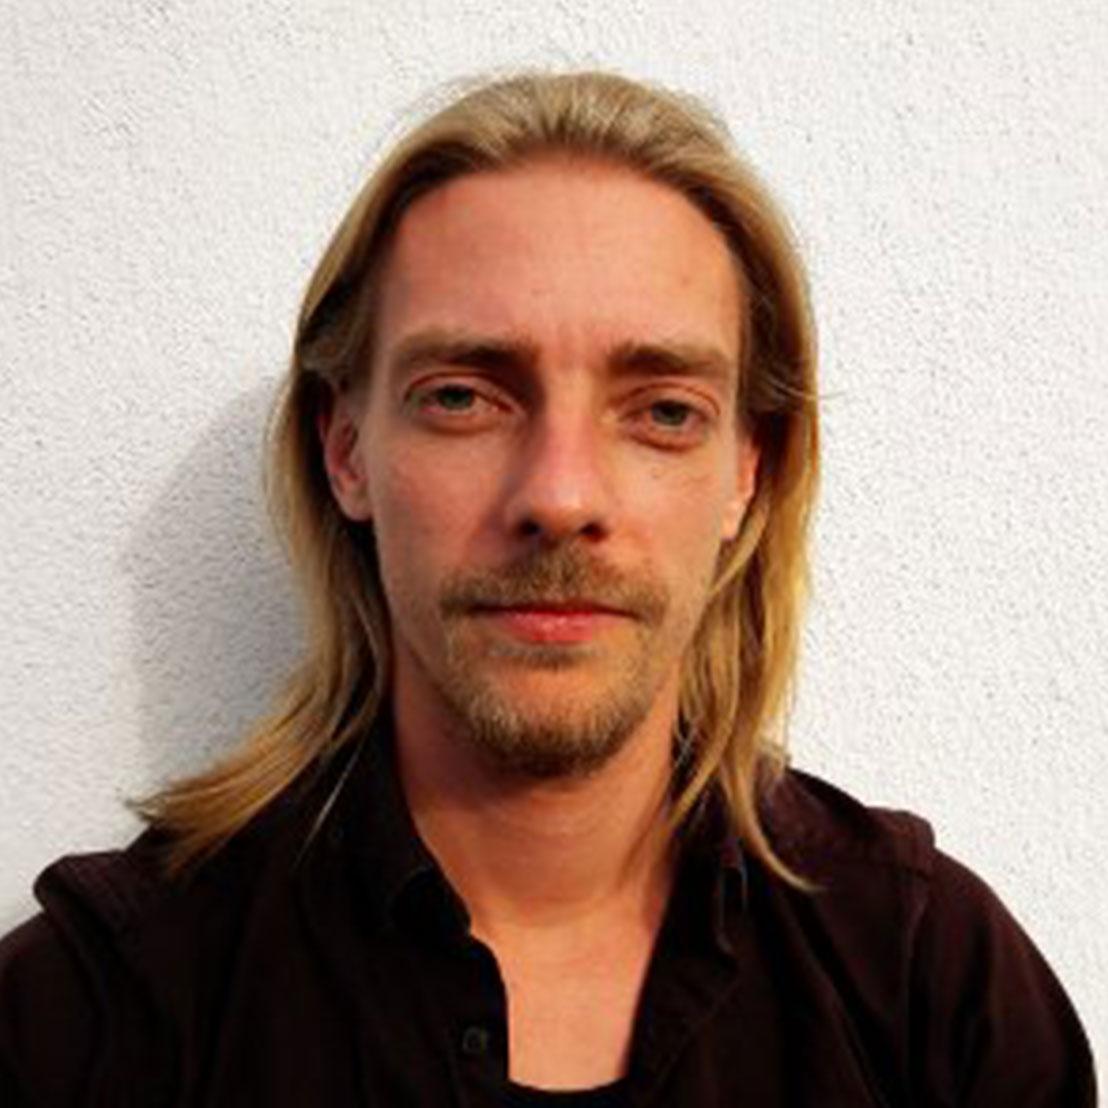 david_backstein